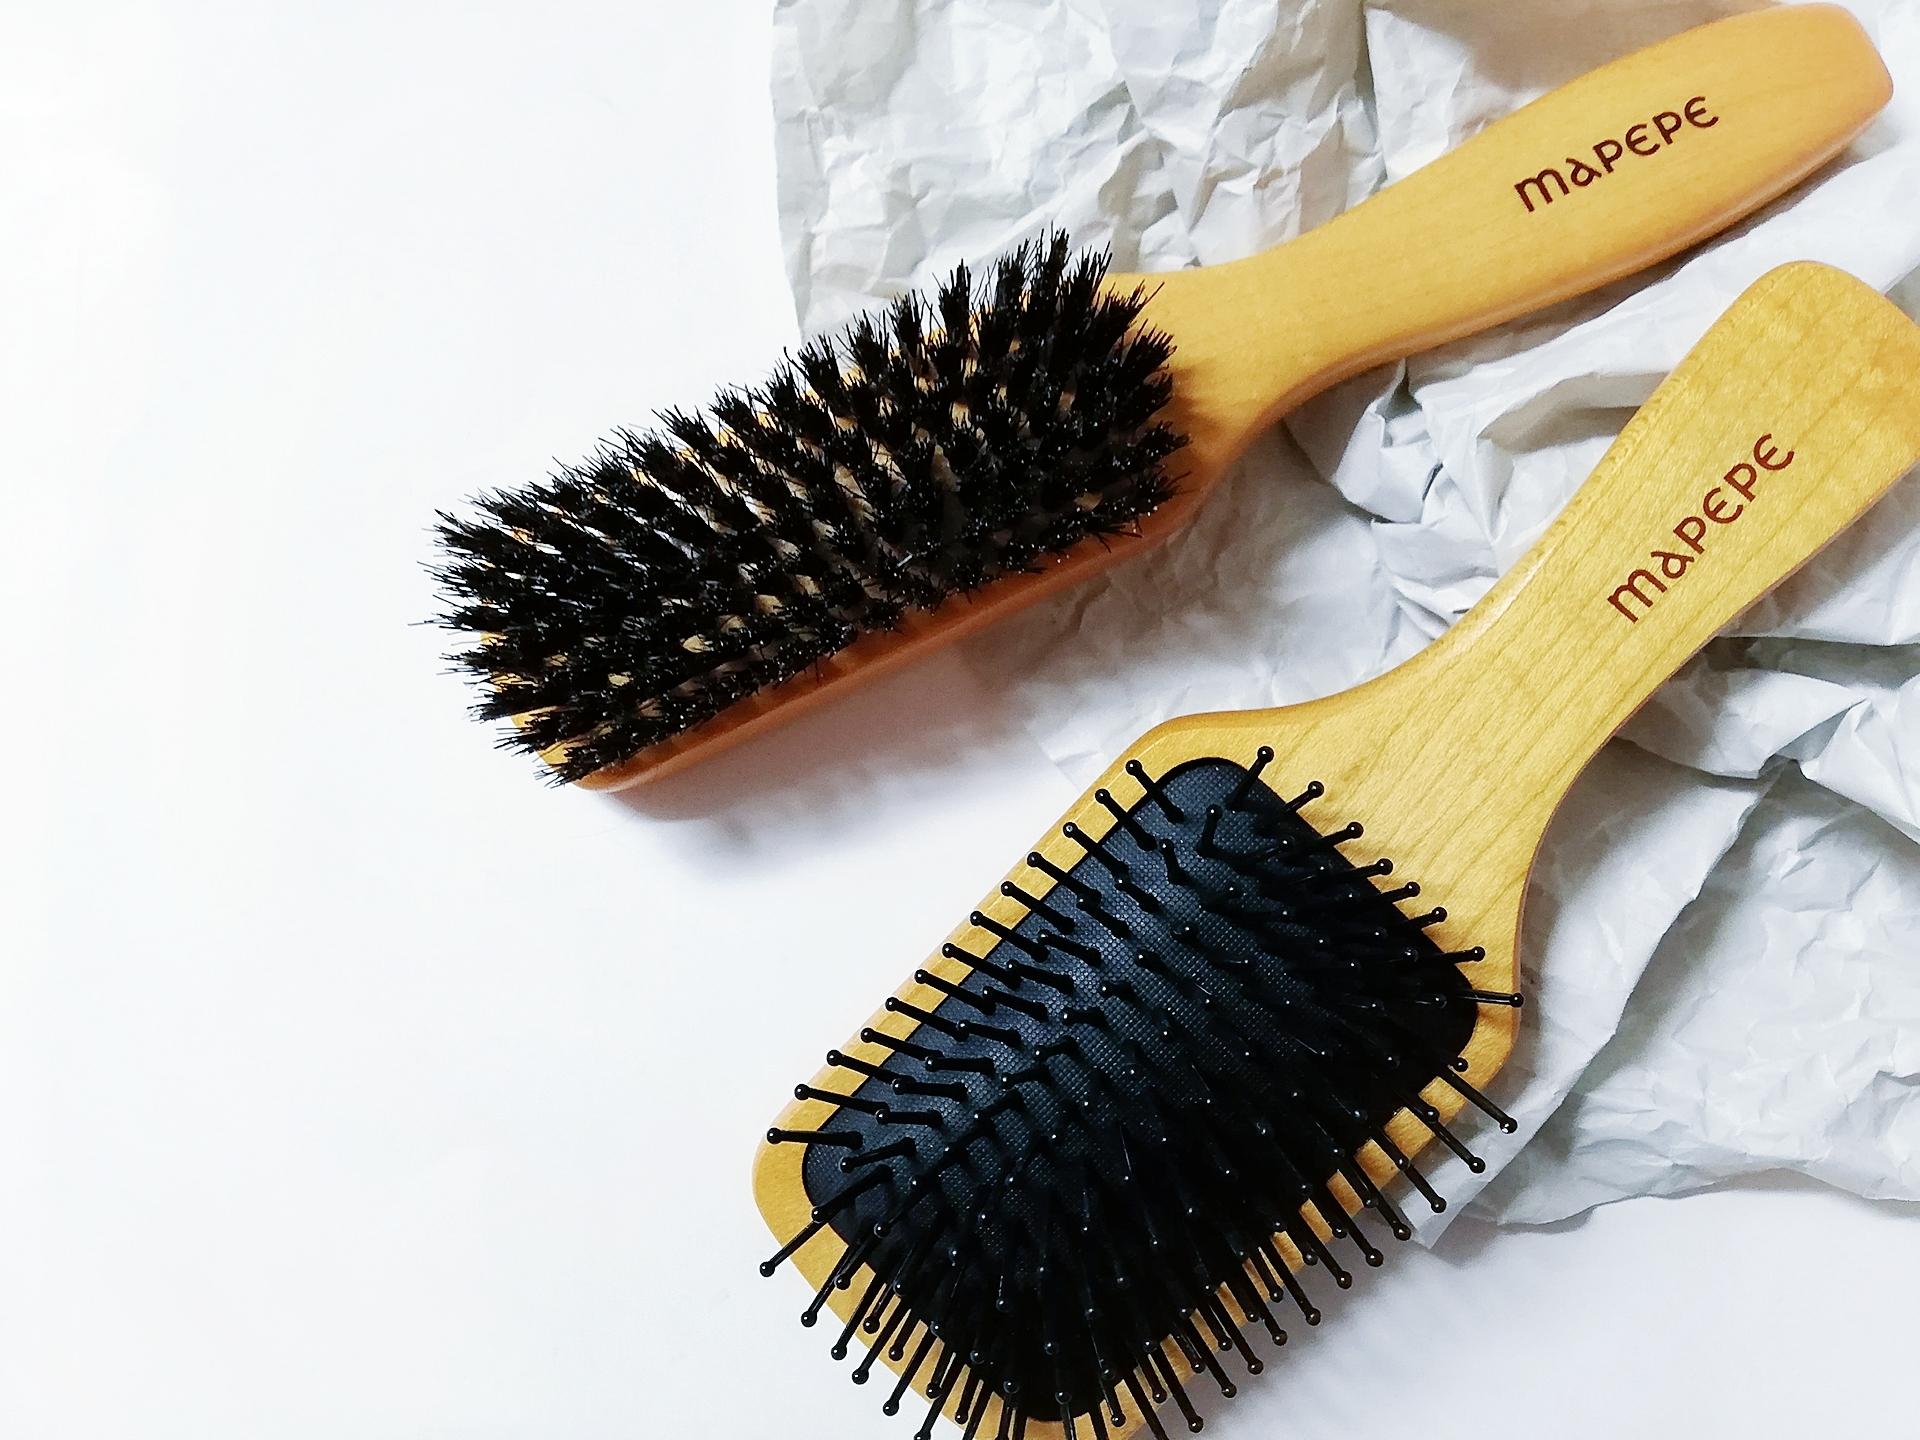 ブラッシングだけで髪質が変わった!?【マペペ 濃密天然毛のボリュームケアブラシ】と【ふかふかクッションのパドルブラシ】を使い分けるヘアケア始めました